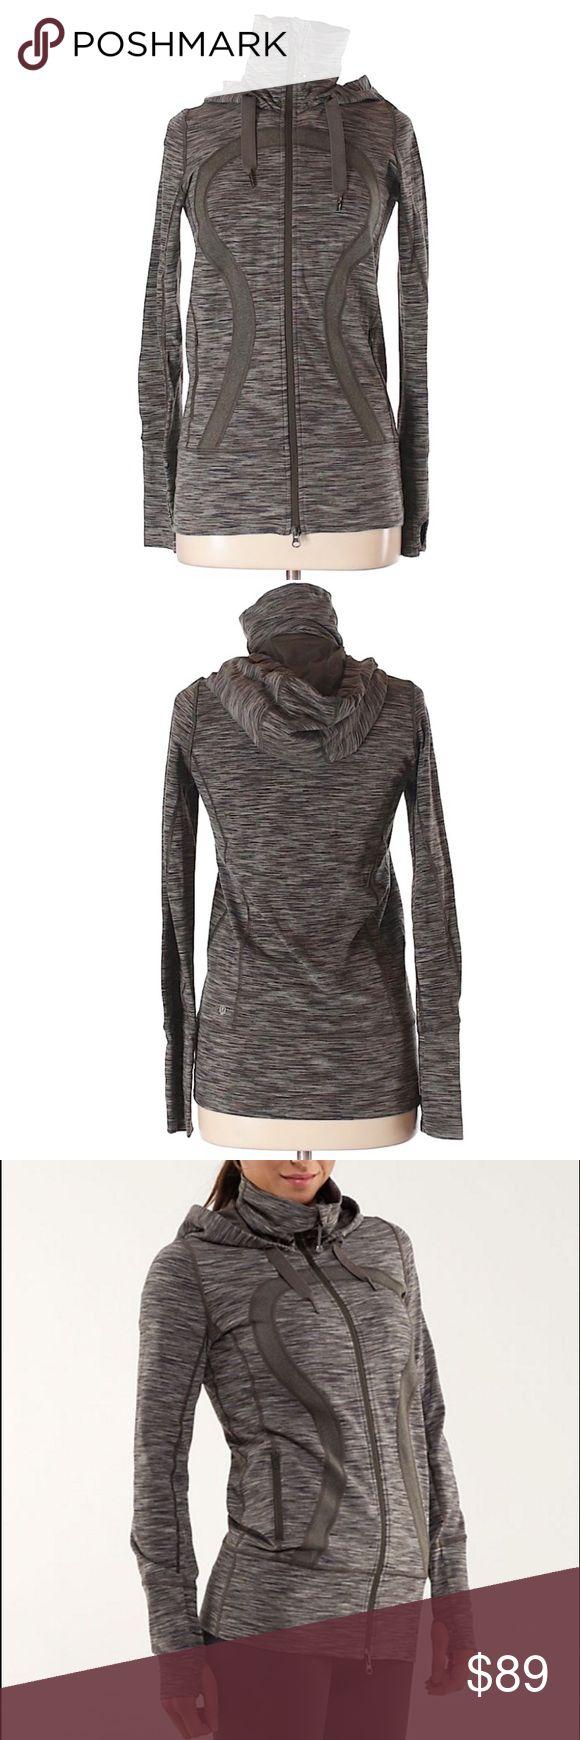 Lululemon Space Dye Wren Stride Hoodie Jacket Very nice condition. Last photo is stock. lululemon athletica Tops Sweatshirts & Hoodies